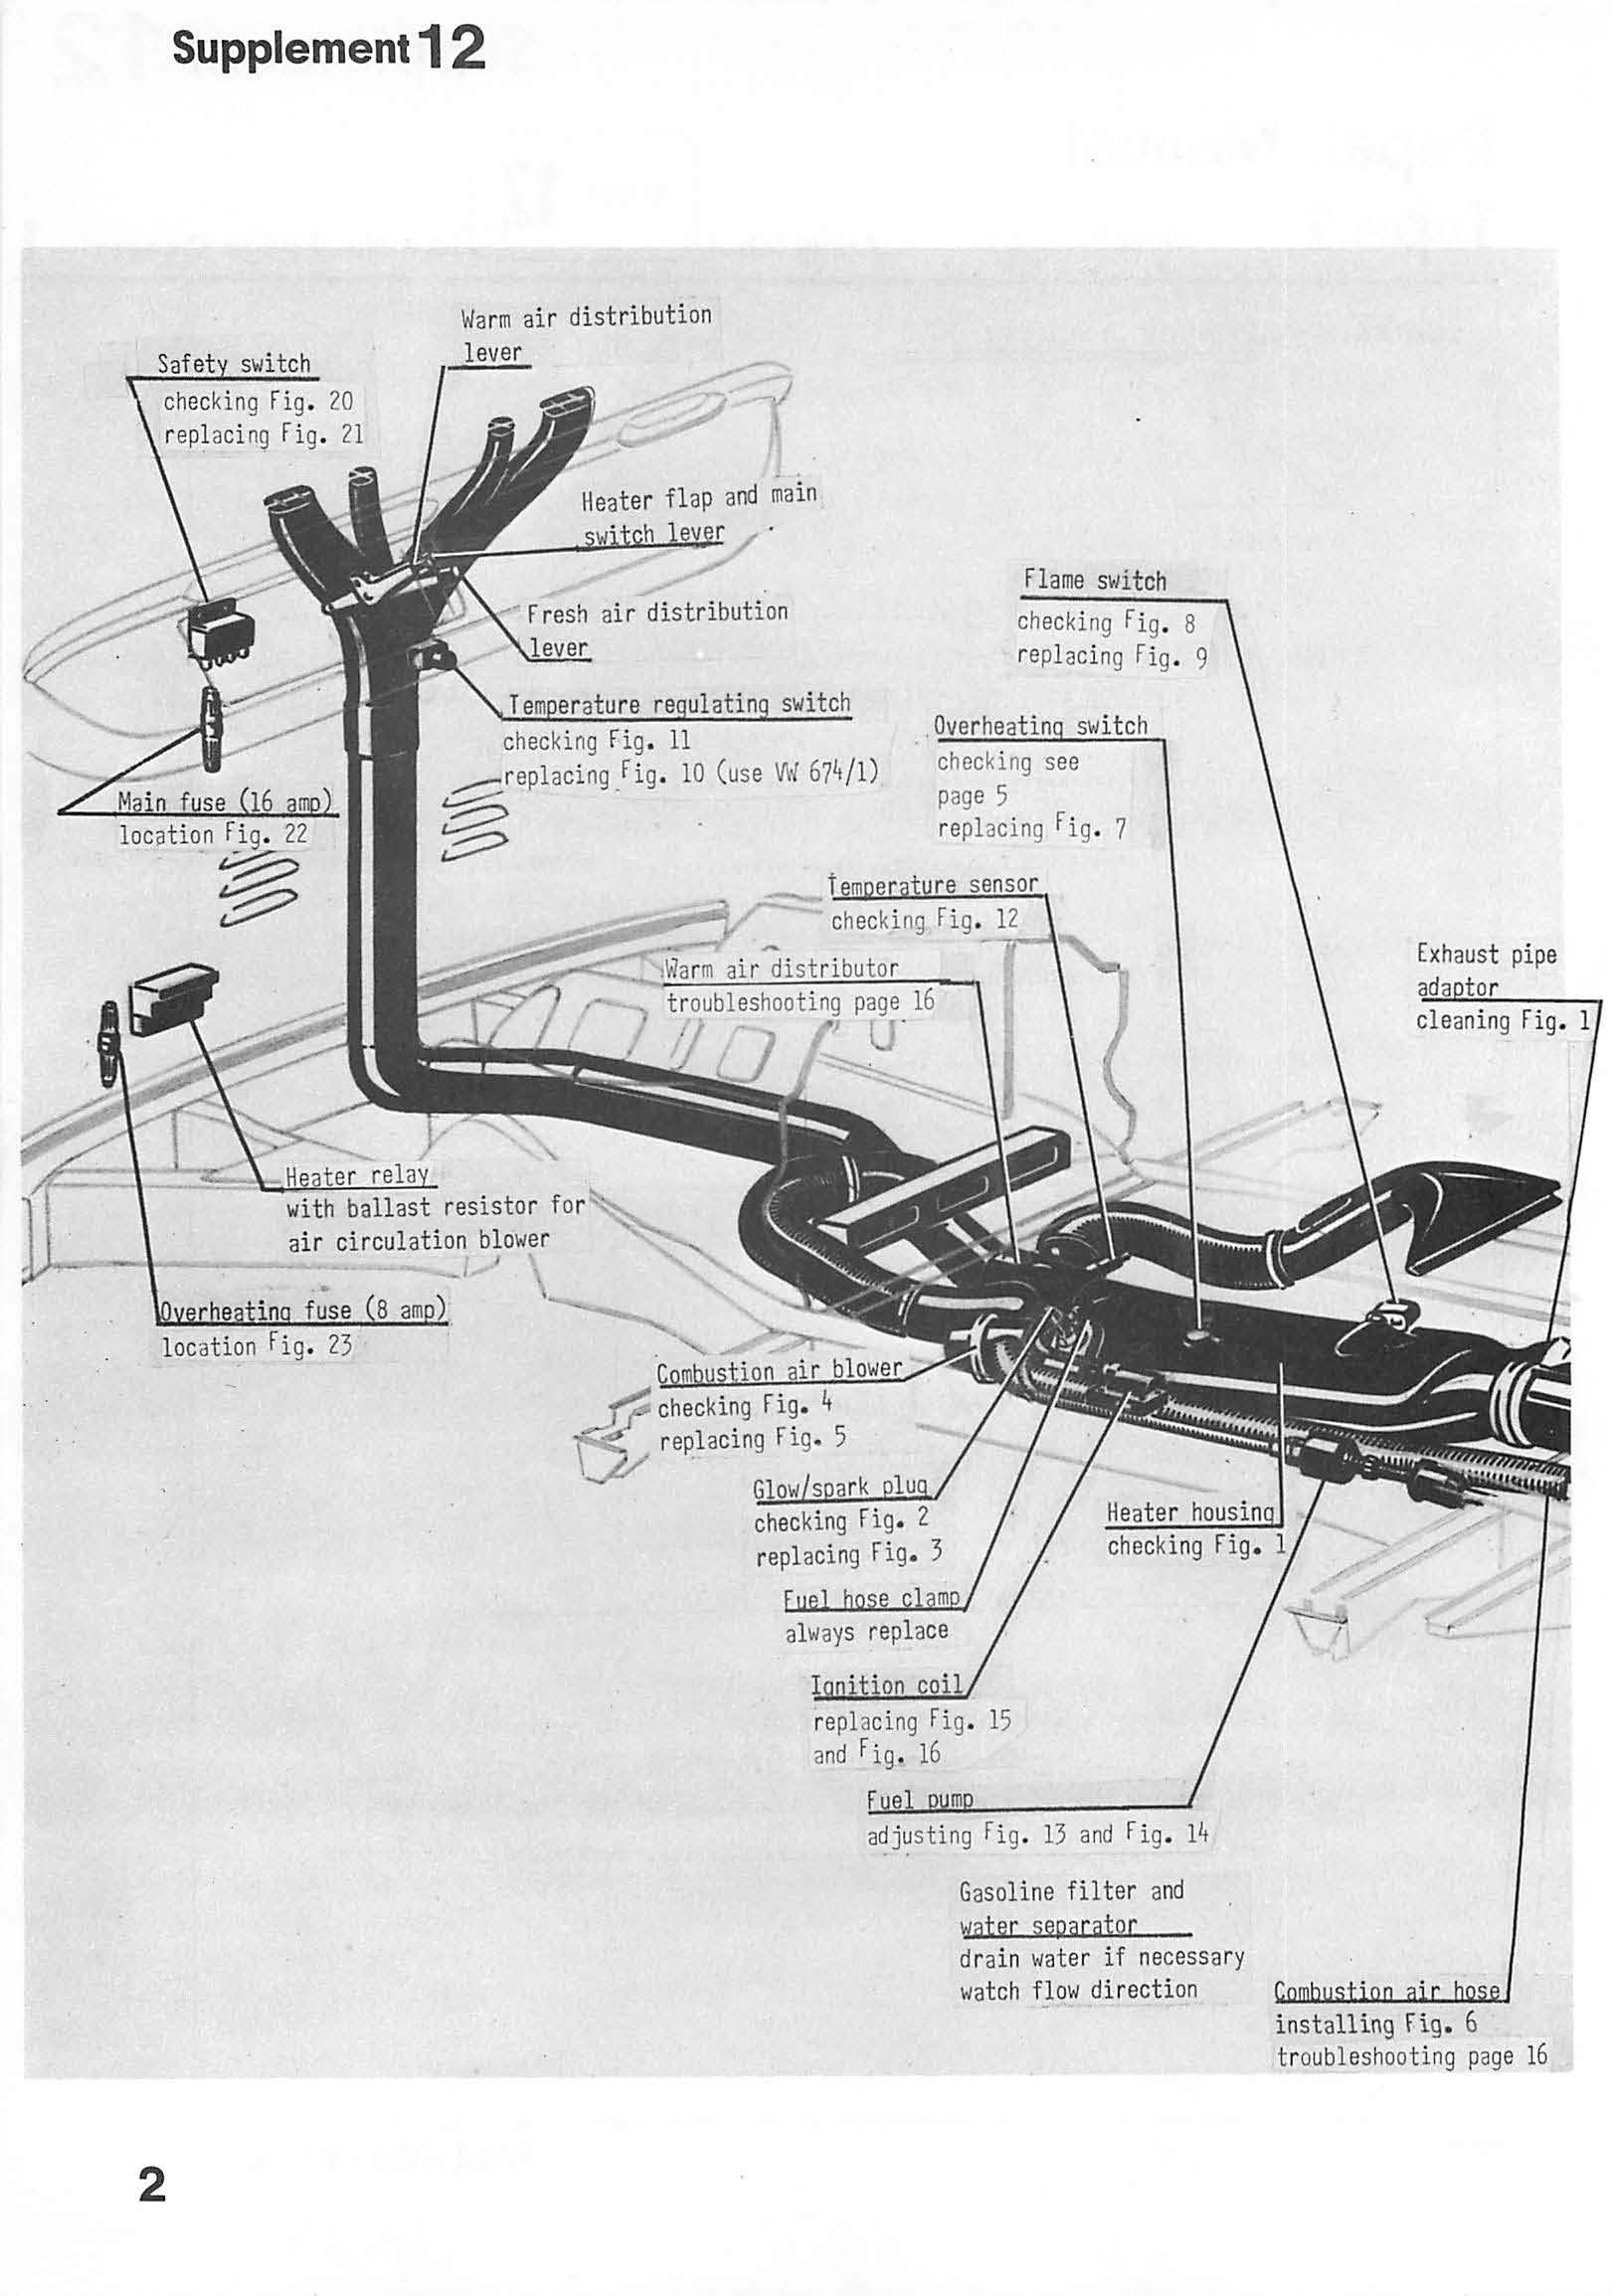 TheSamba com :: 1977 Eberspacher BA 6 VW Gas Heater Repair